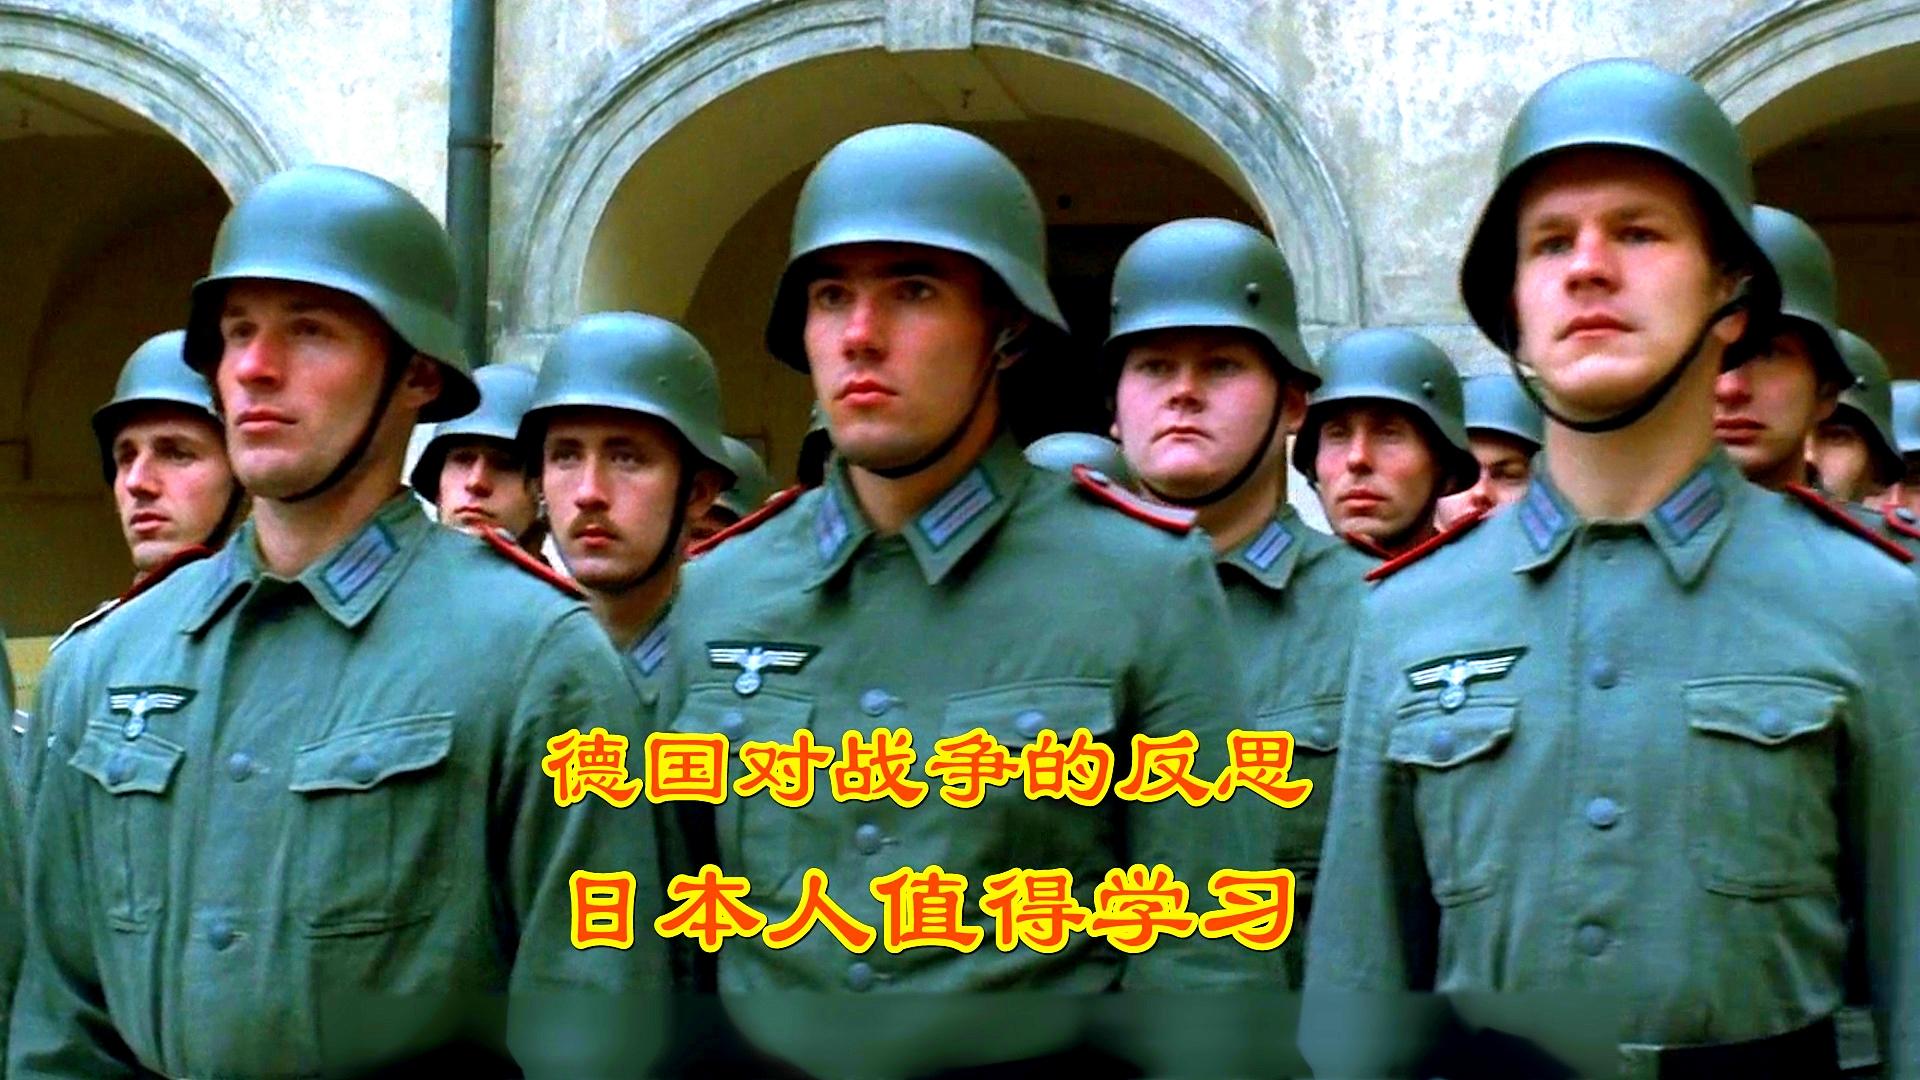 德国版《斯大林格勒战役》,士兵以屠杀平民为耻,日本人应该学习